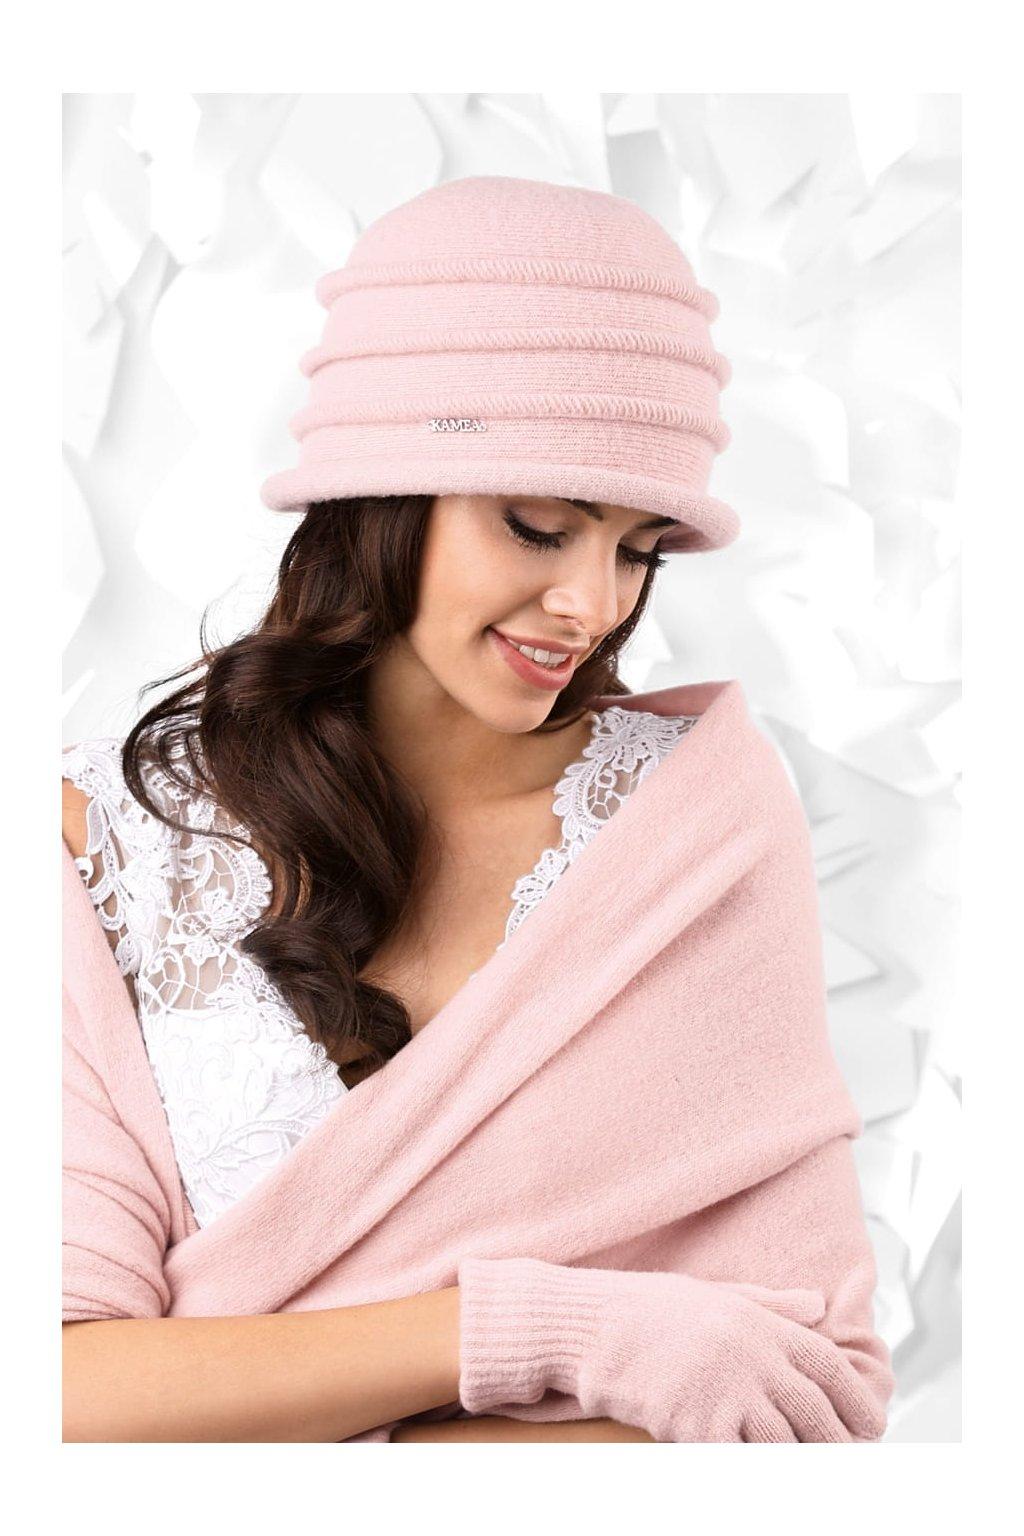 KAMEA PALERMO kapelusz damski rozowy